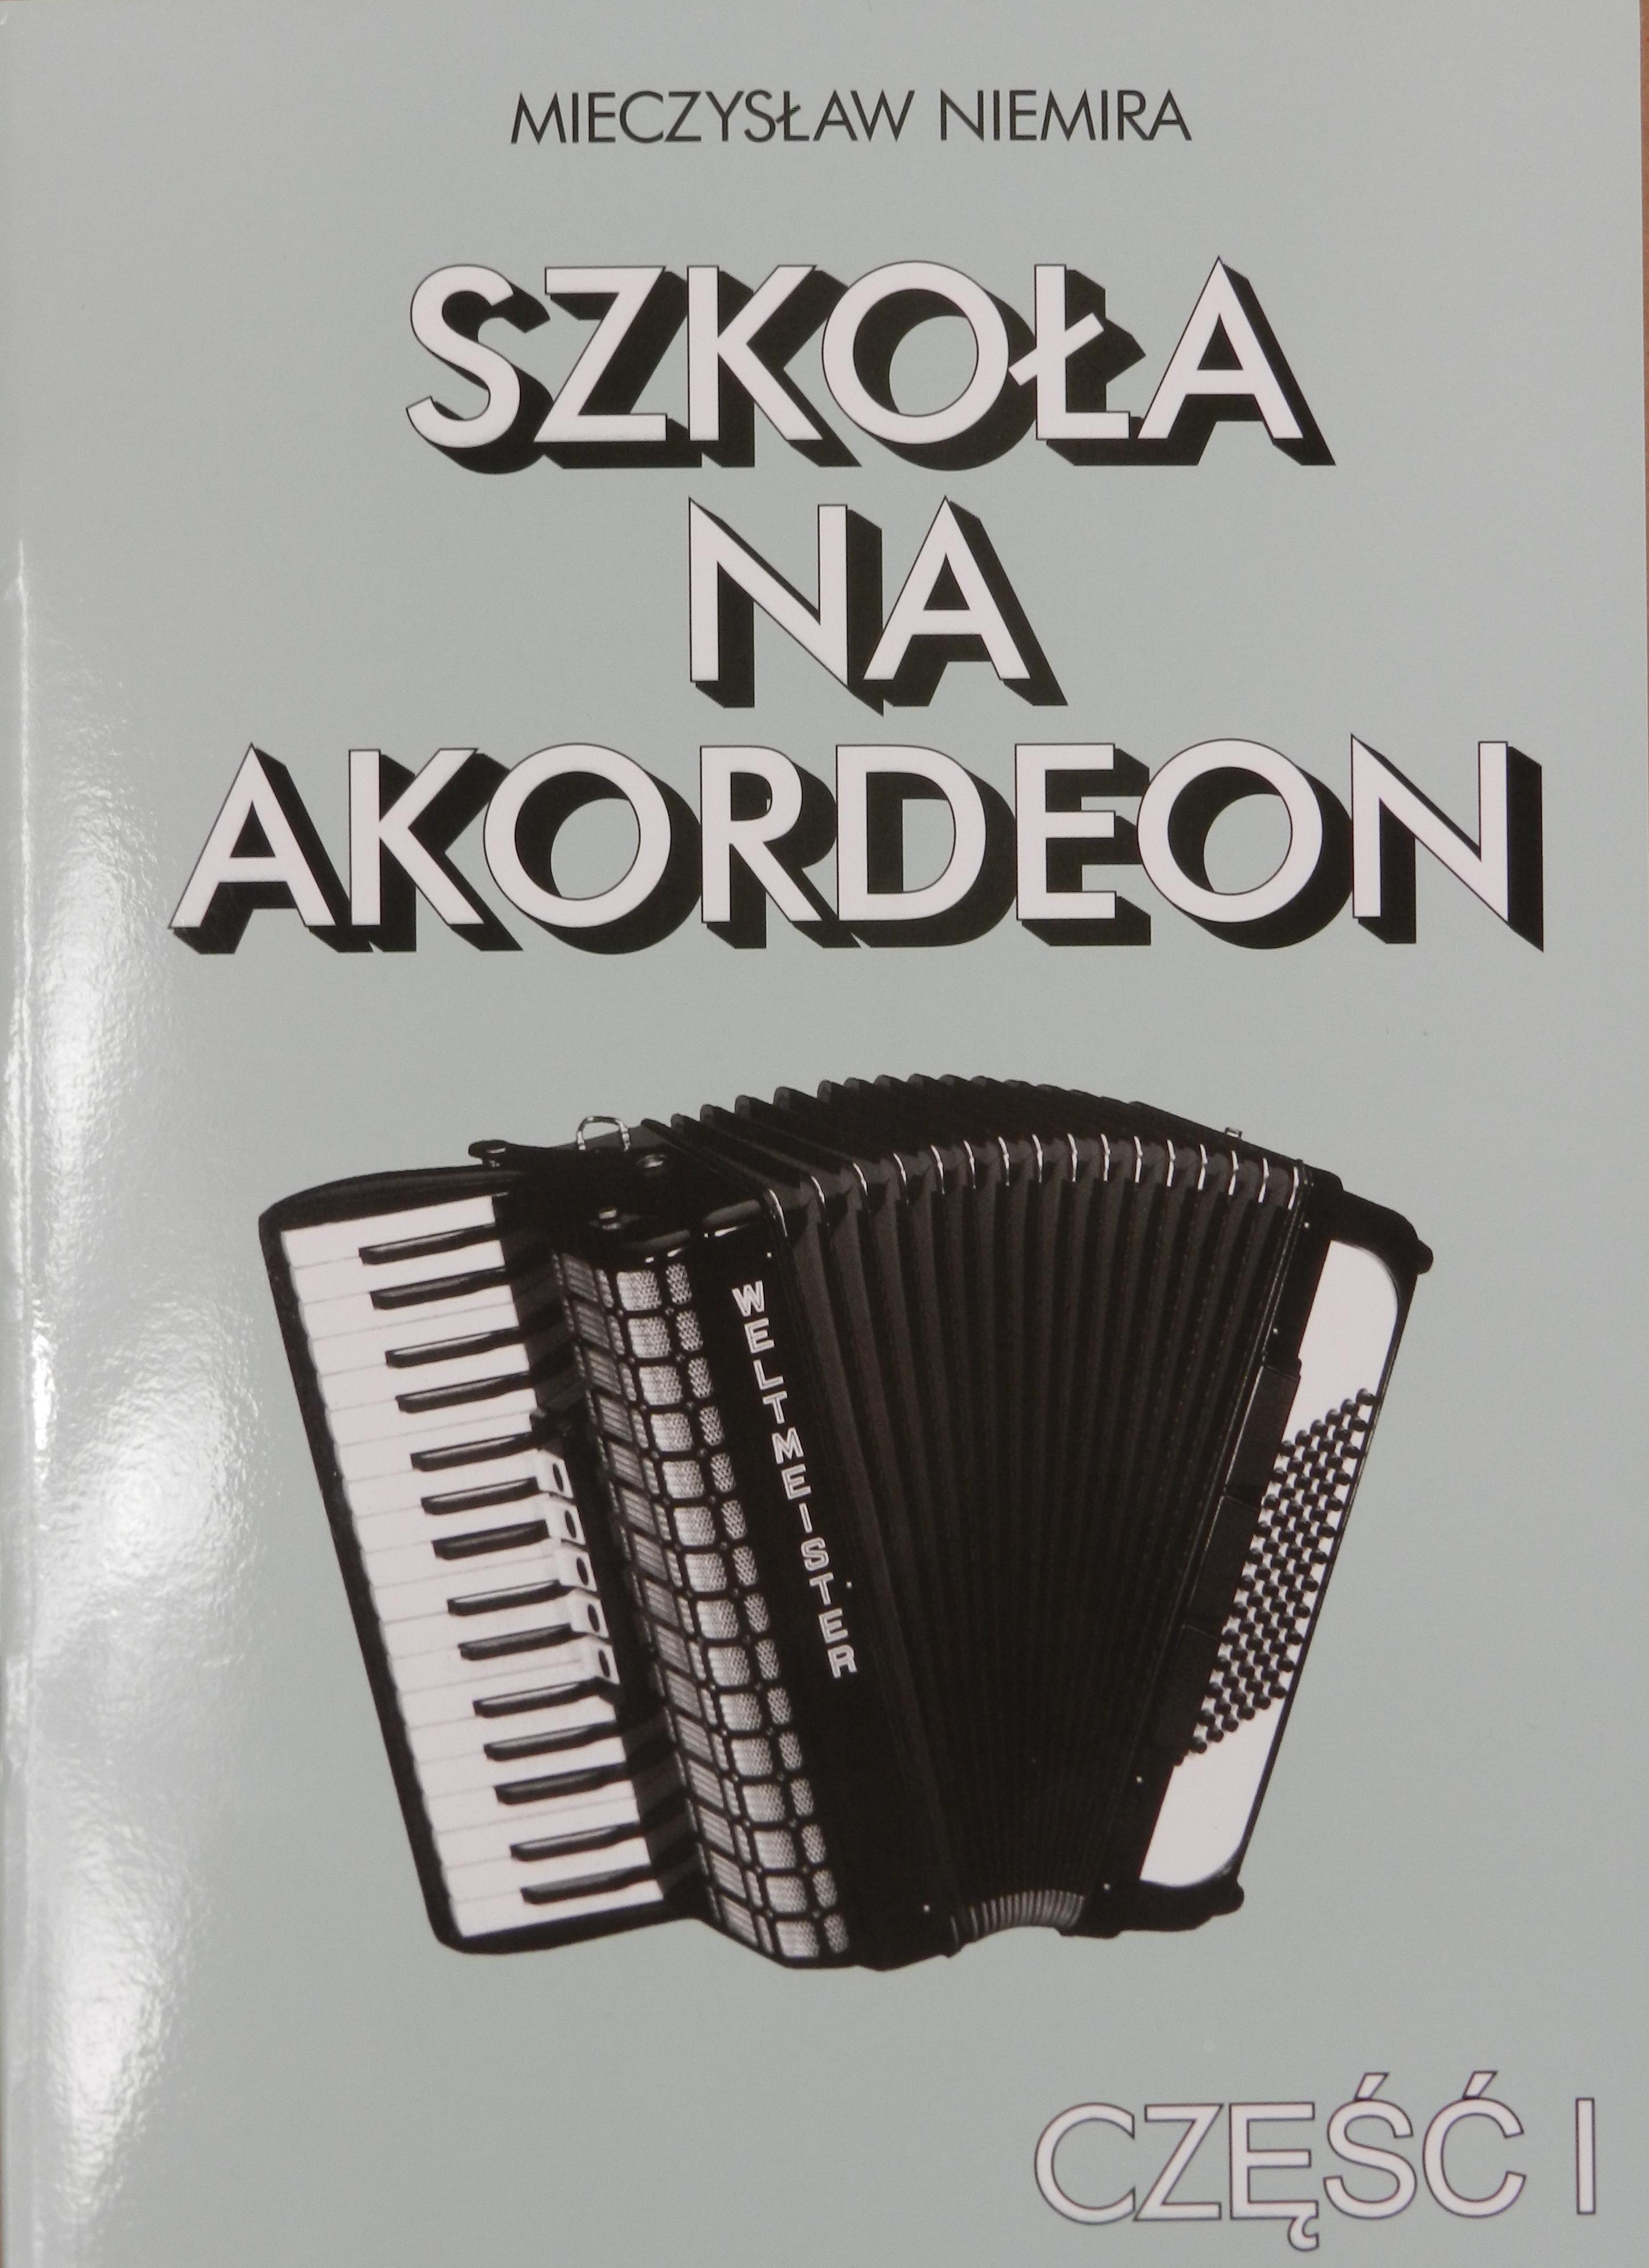 Bardzo dobry Książka Szkoła na akordeon cz.I Niemira M. XG35